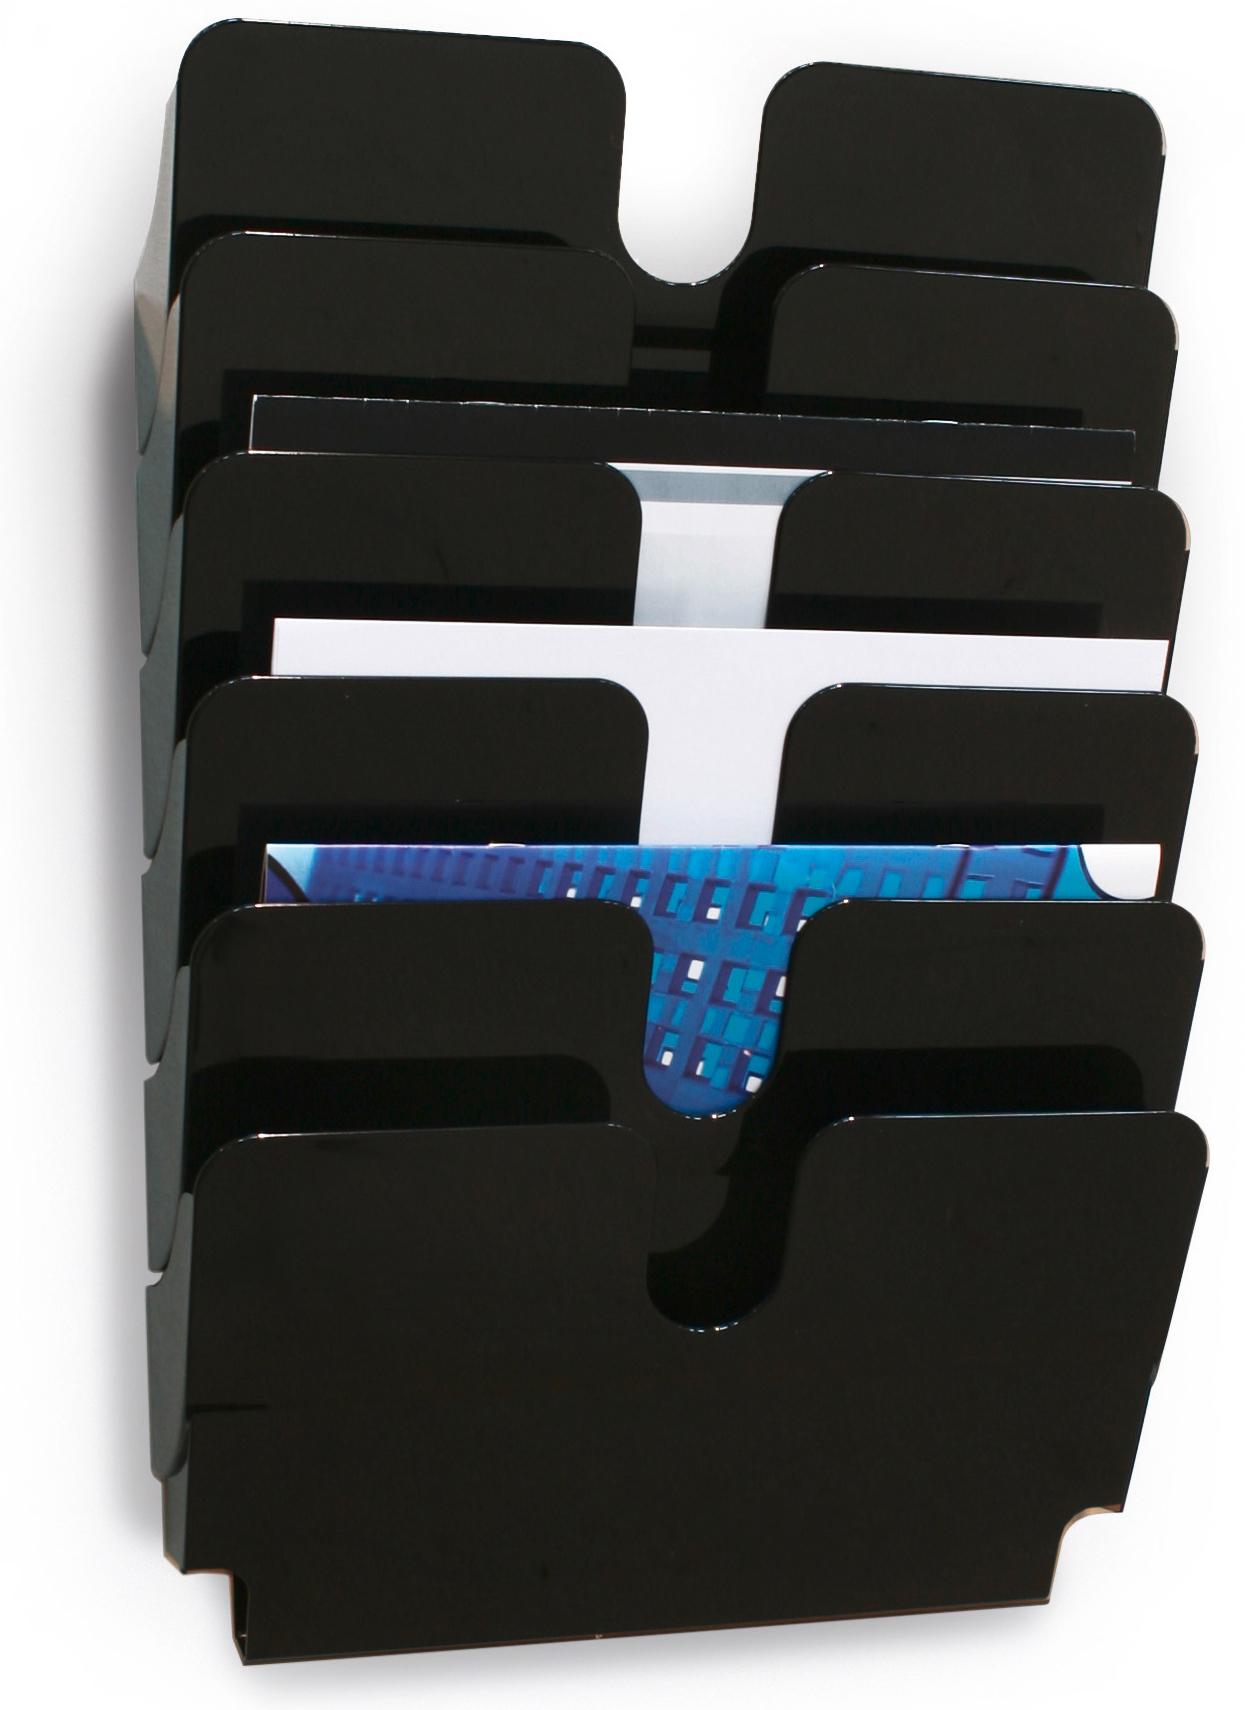 Wand-Prospekthalter für 6 x A4 Prospekte im Querformat in schwarz